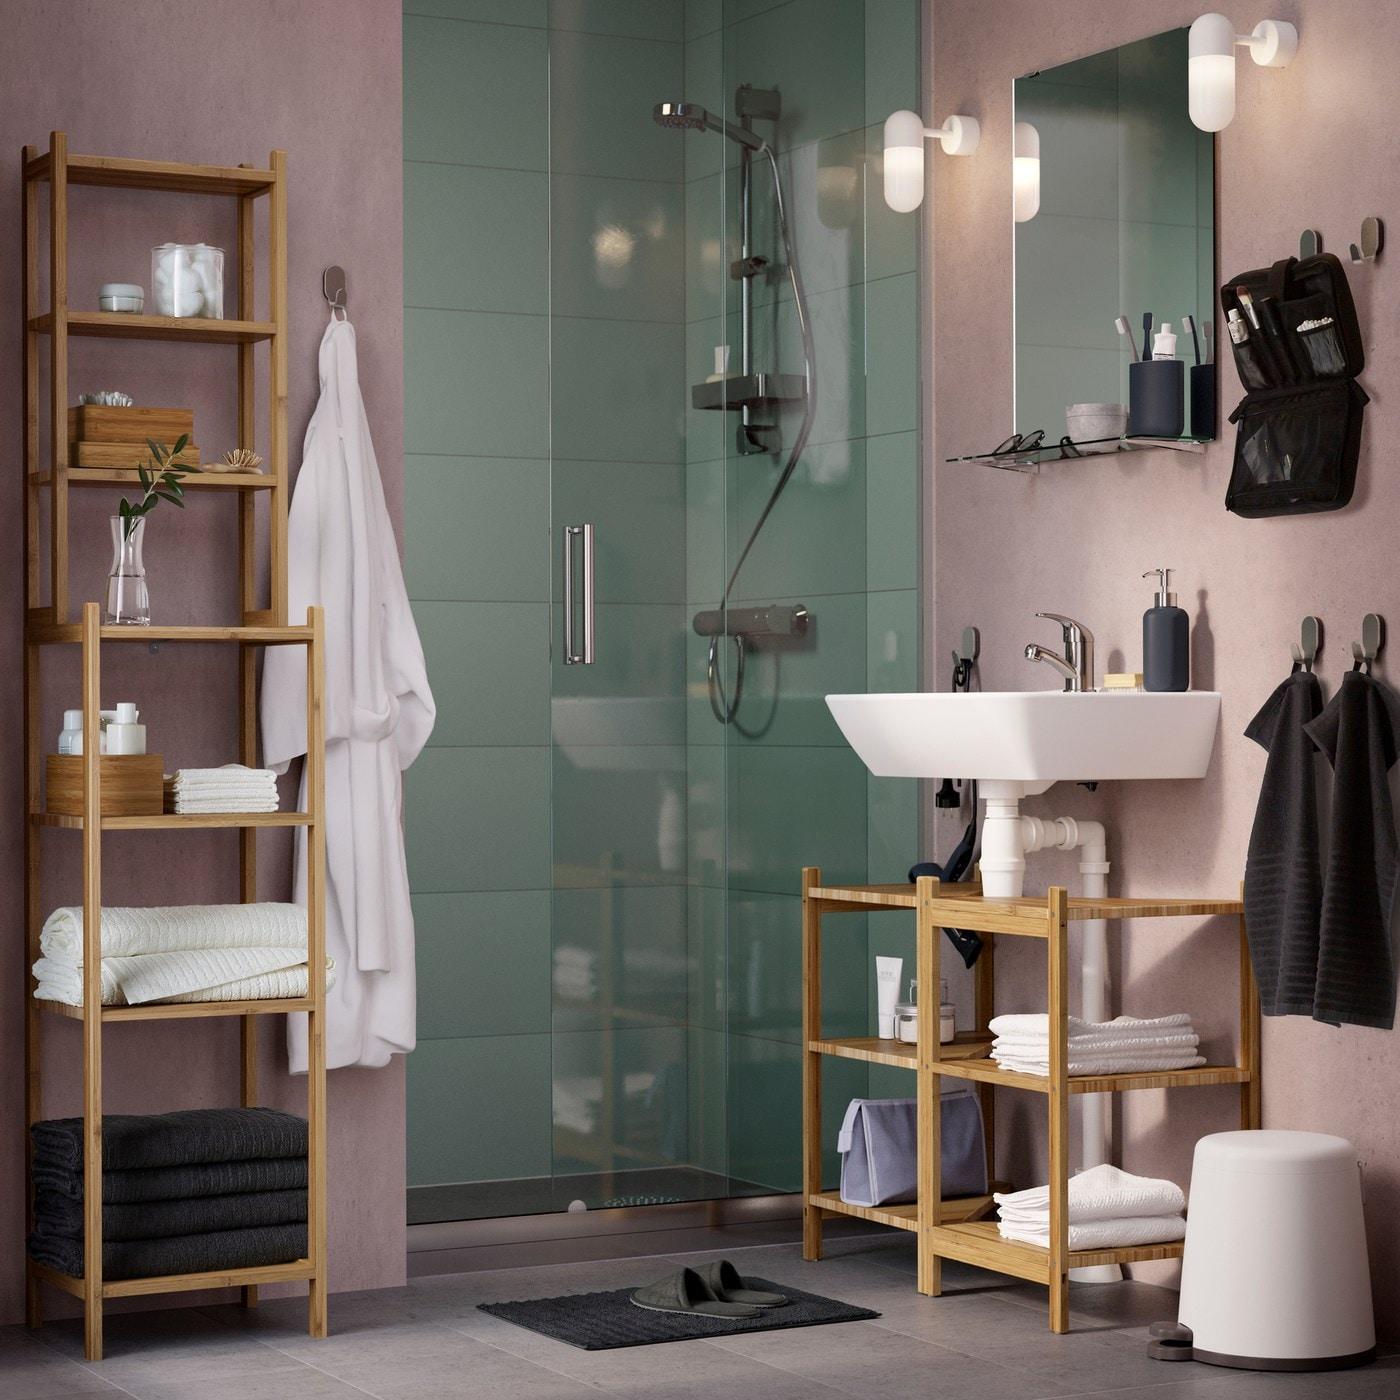 Pour une salle de bain fra che et fonctionnelle ikea suisse - Luminaire pour salle de bain ikea ...